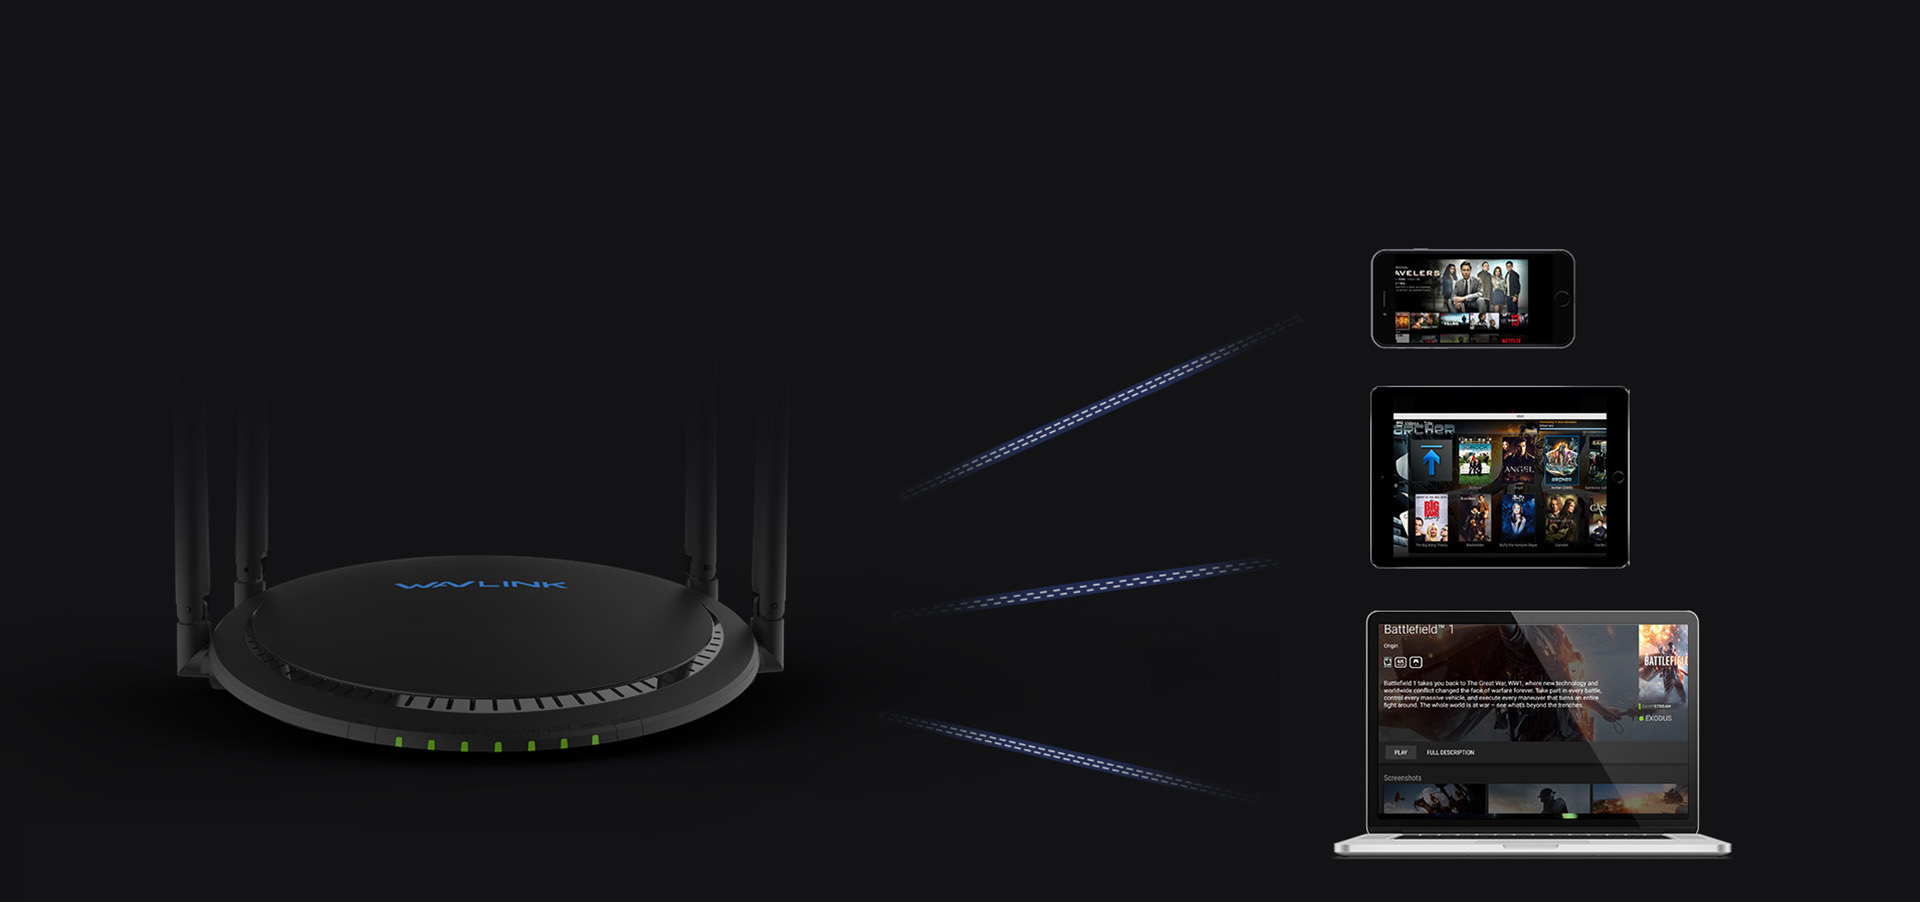 睿因A42,双频千兆智能路由器,智能为用户选择网速更好,最佳的信道,优化了上网体验